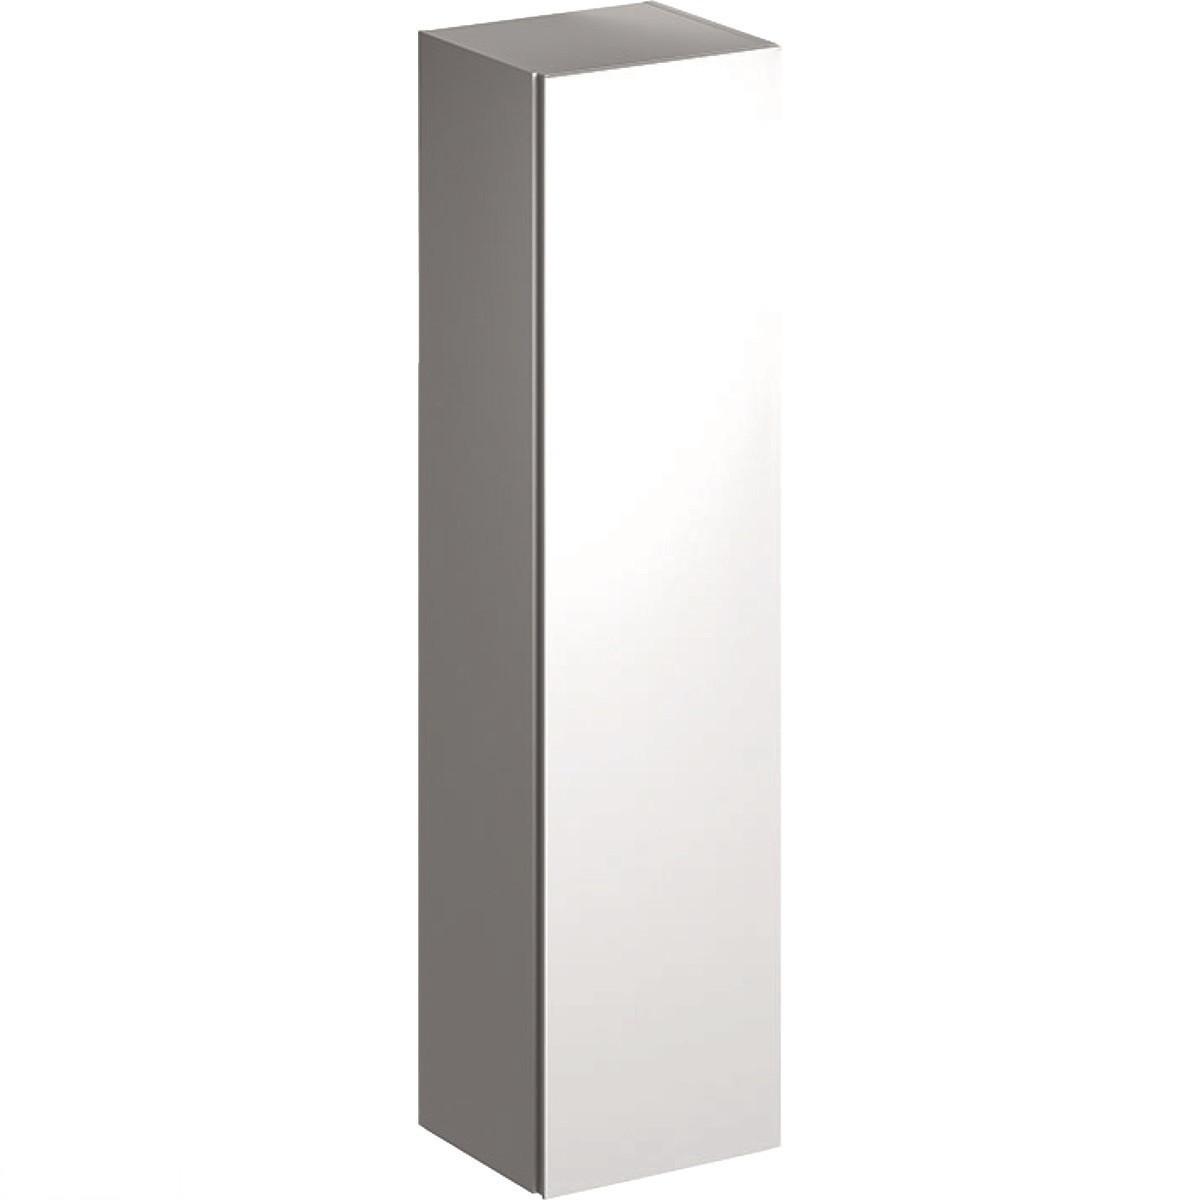 500.503.01.1 Geberit Xeno2 Високий шафа з одними дверцятами і внутрішнім дзеркалом: білий, глянсове покриття